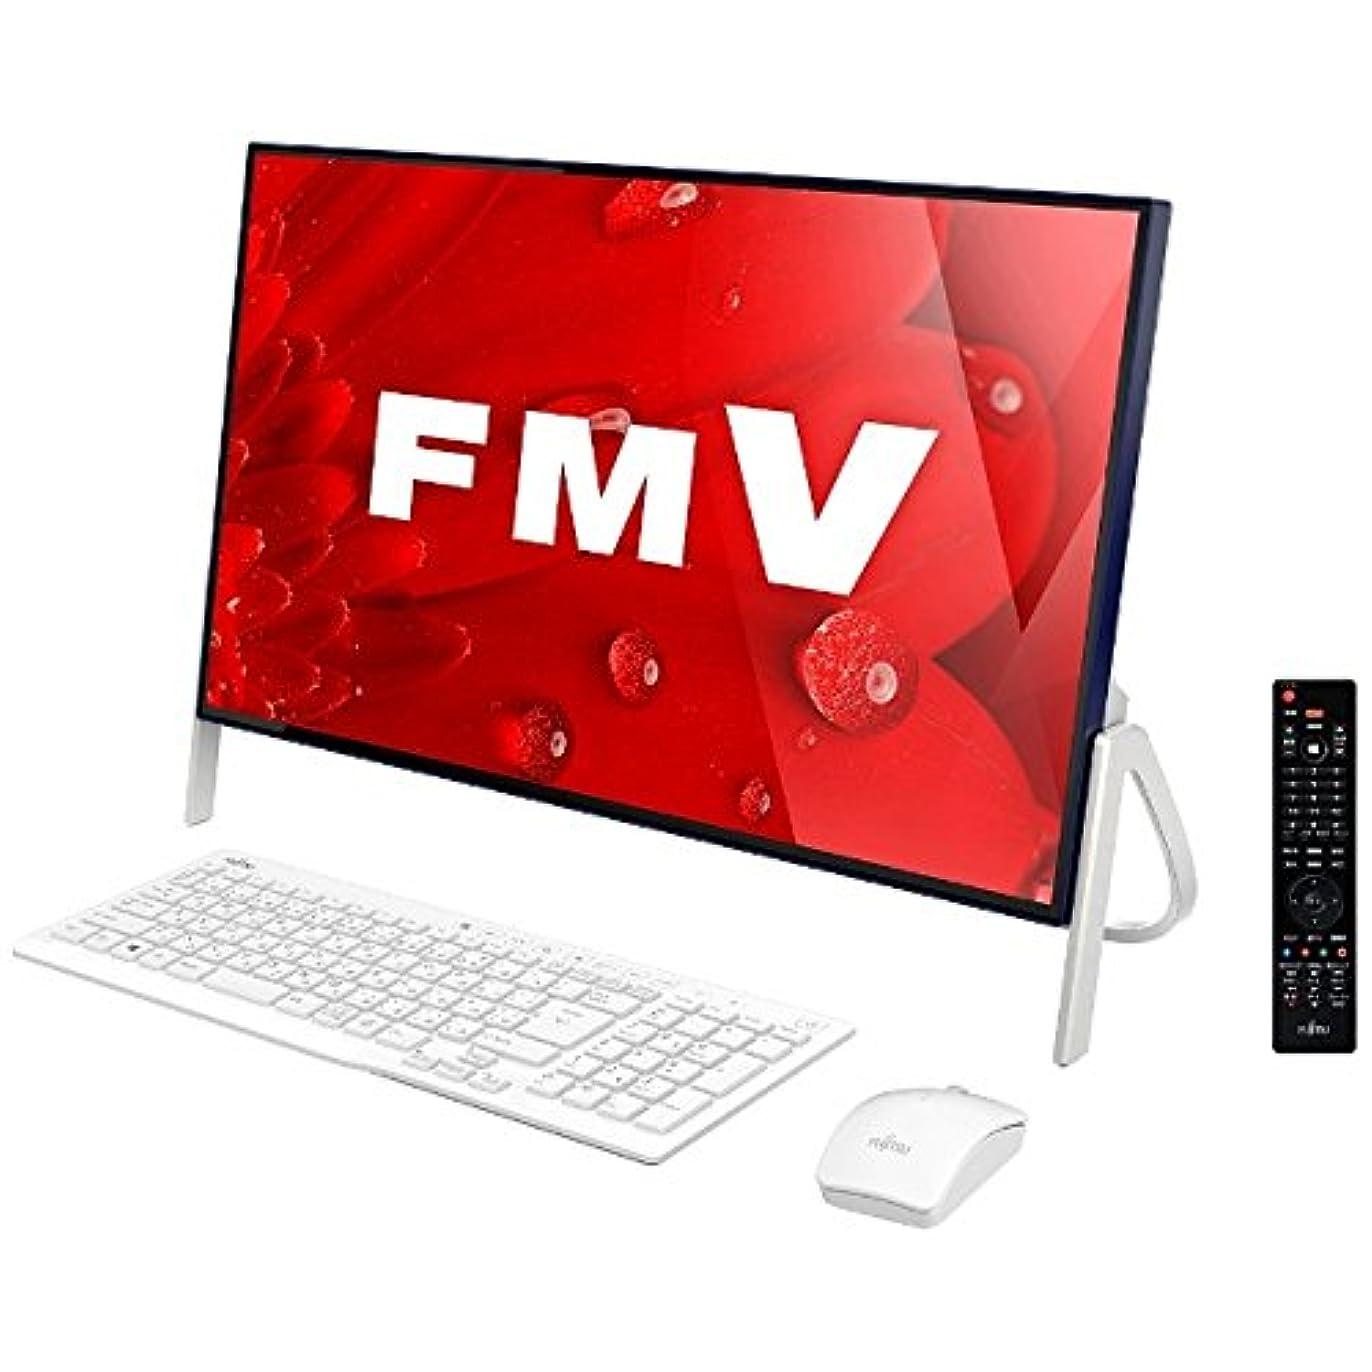 アミューズメント効果植物学者富士通 23.8型デスクトップPC[Office付き?Win10 Home?Core i3?HDD 1TB?メモリ4GB] FMV ESPRIMO FH56/B1 ホワイト FMVF56B1LB (2017年春モデル)